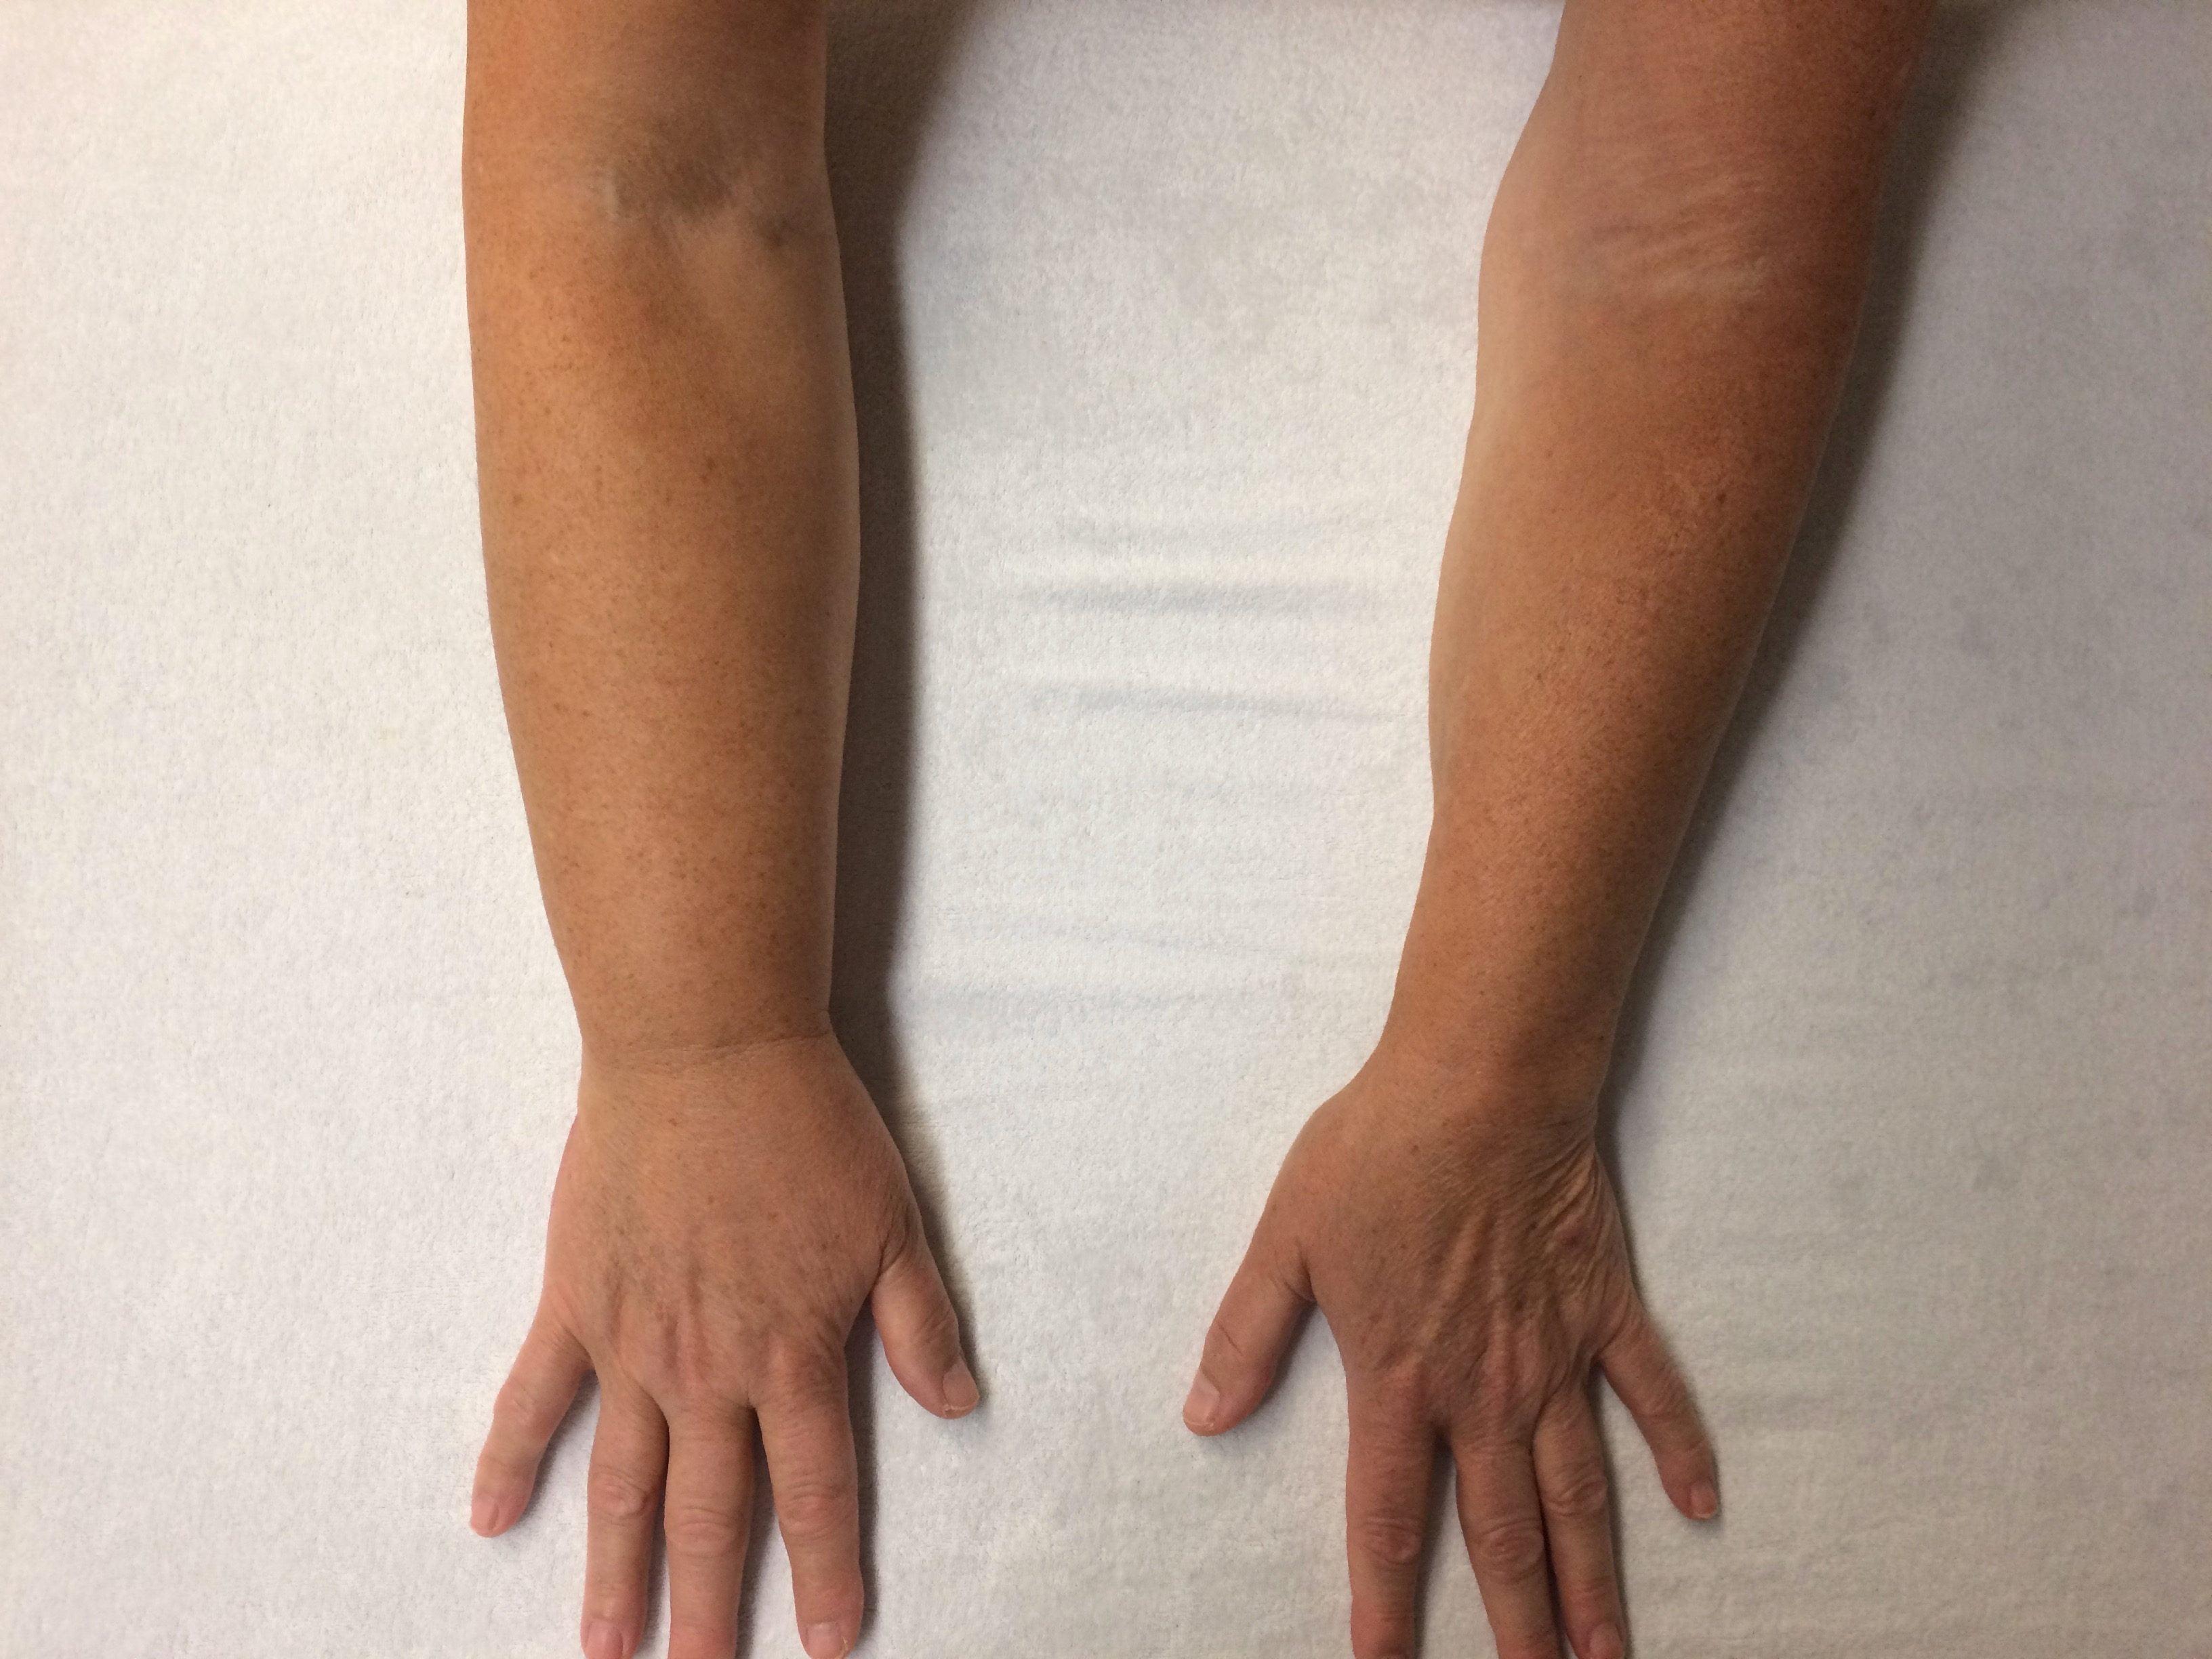 Oedeemfysiotherapie bij praktijk brouwersgracht in for Behandeling oedeem